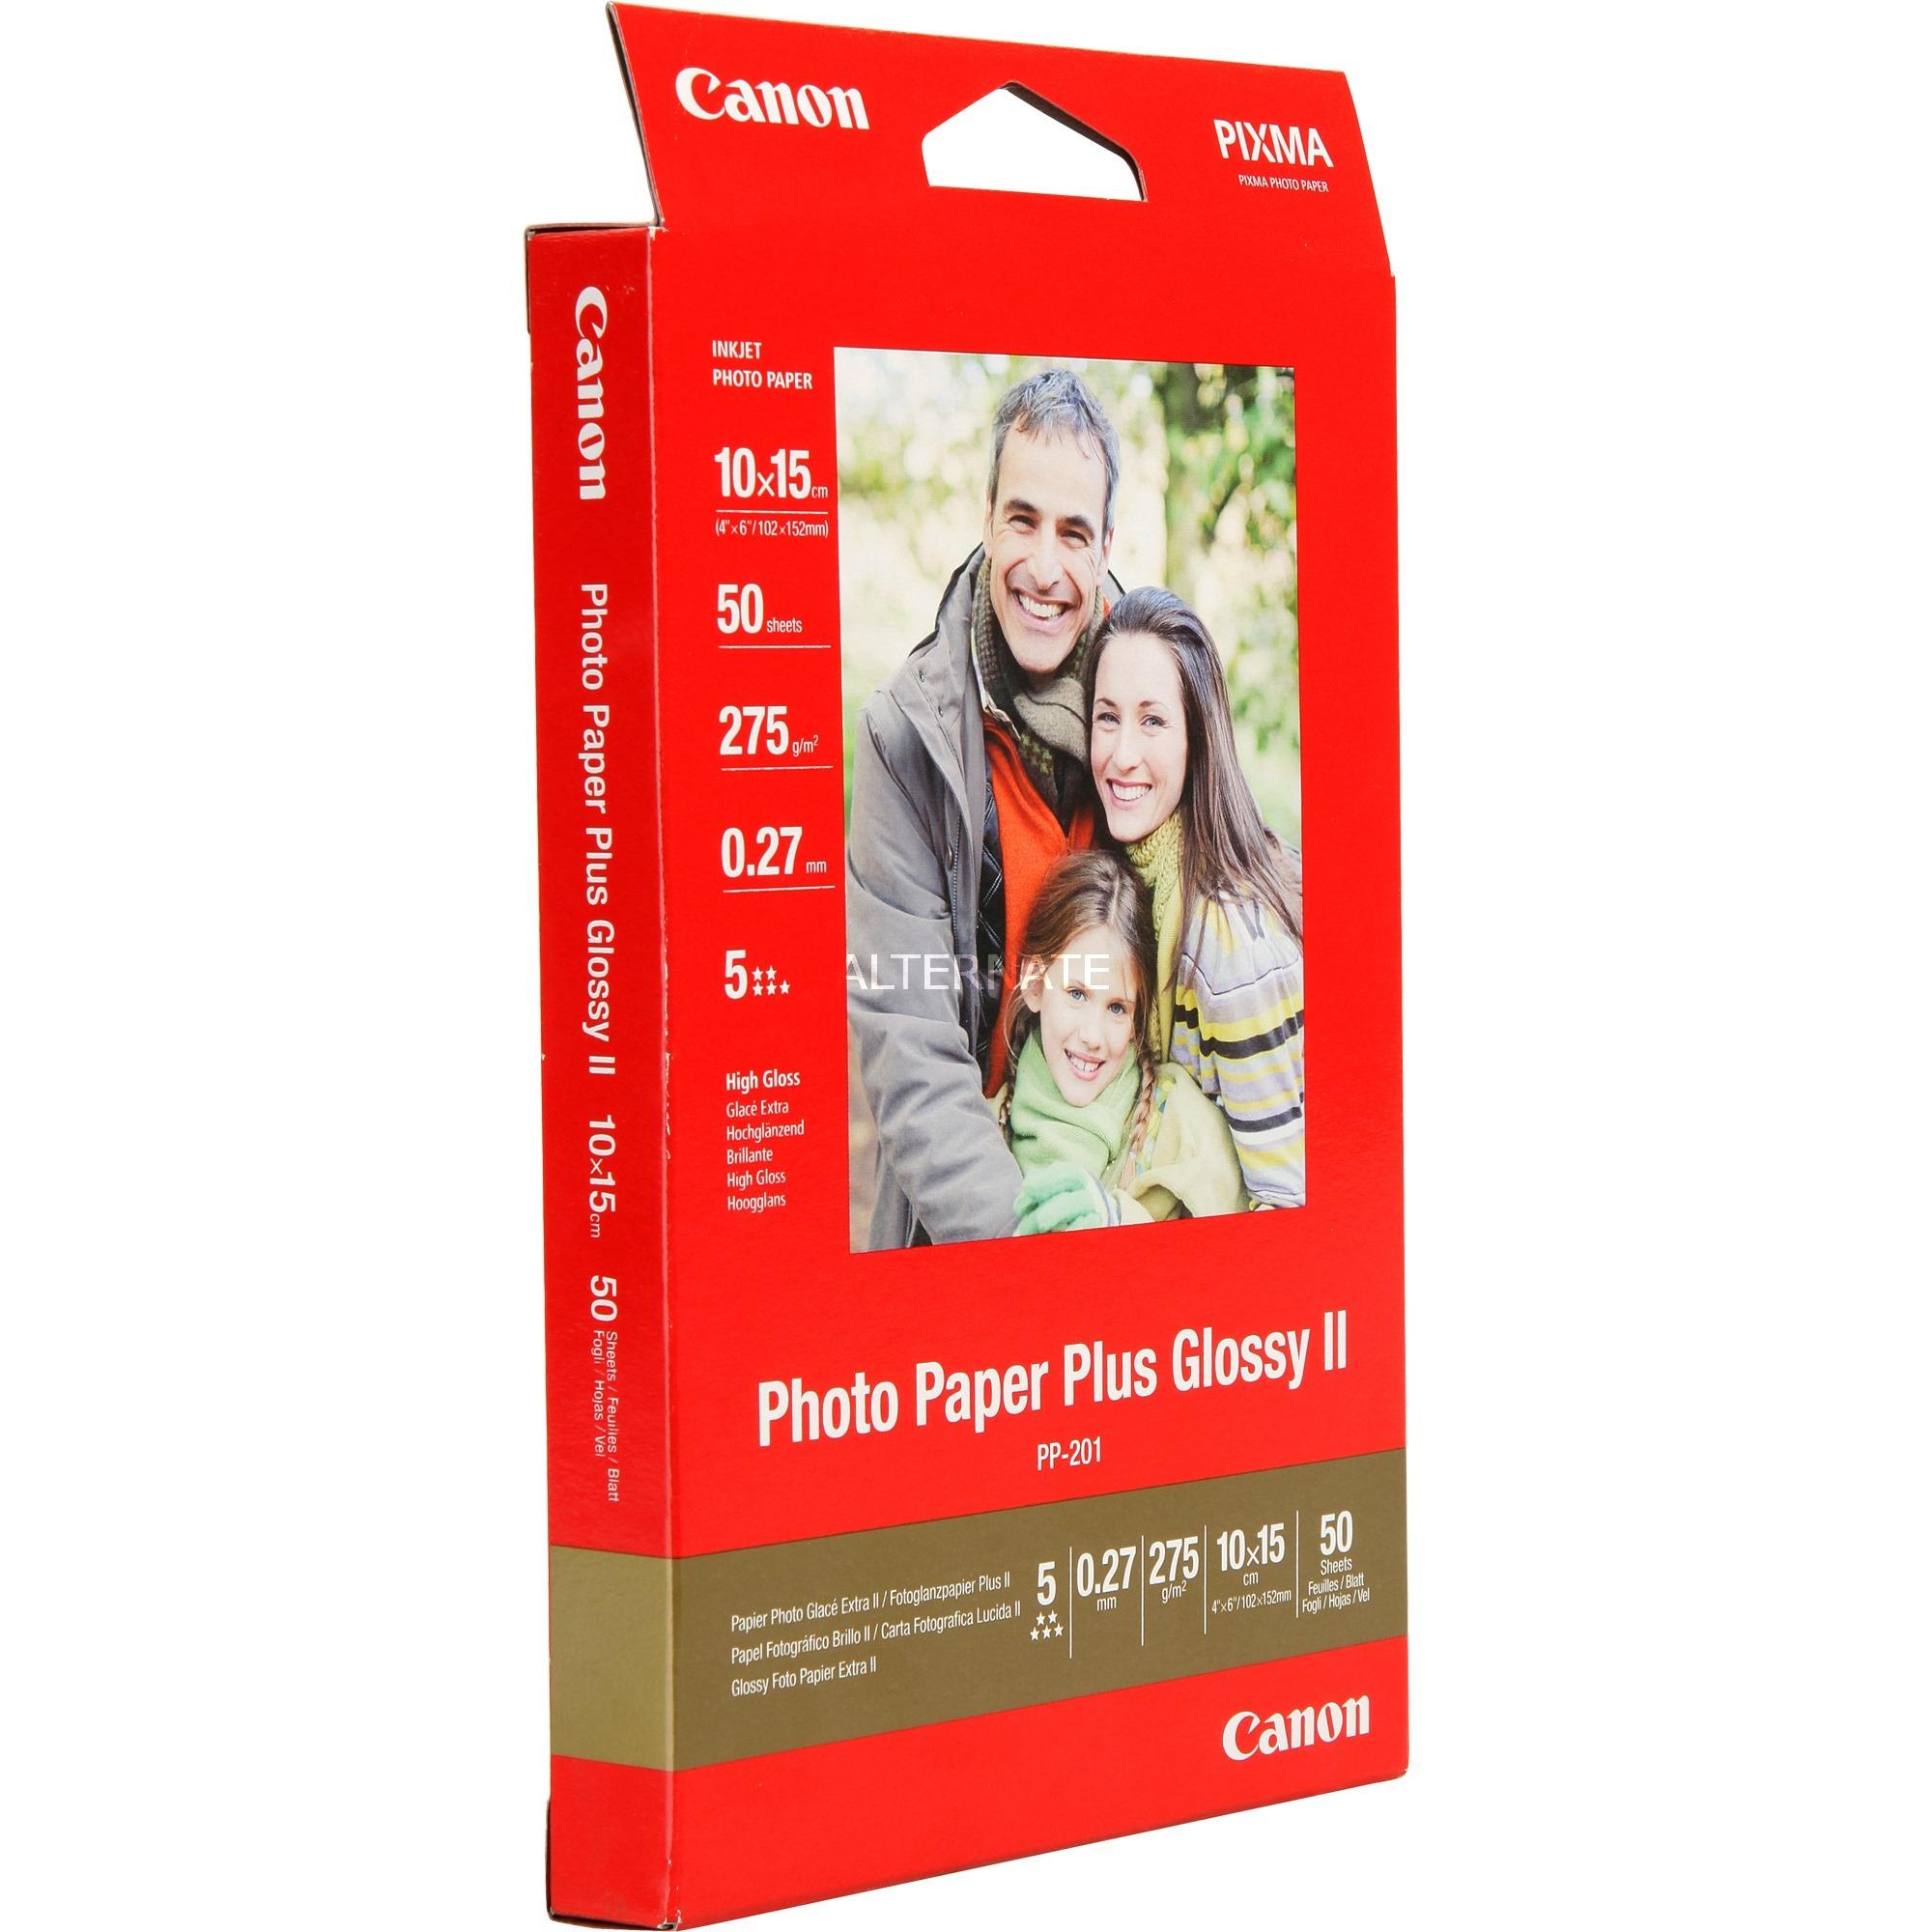 Canon PP-201, Fotopapier 10x15 (50 Blatt), 275 g/qm